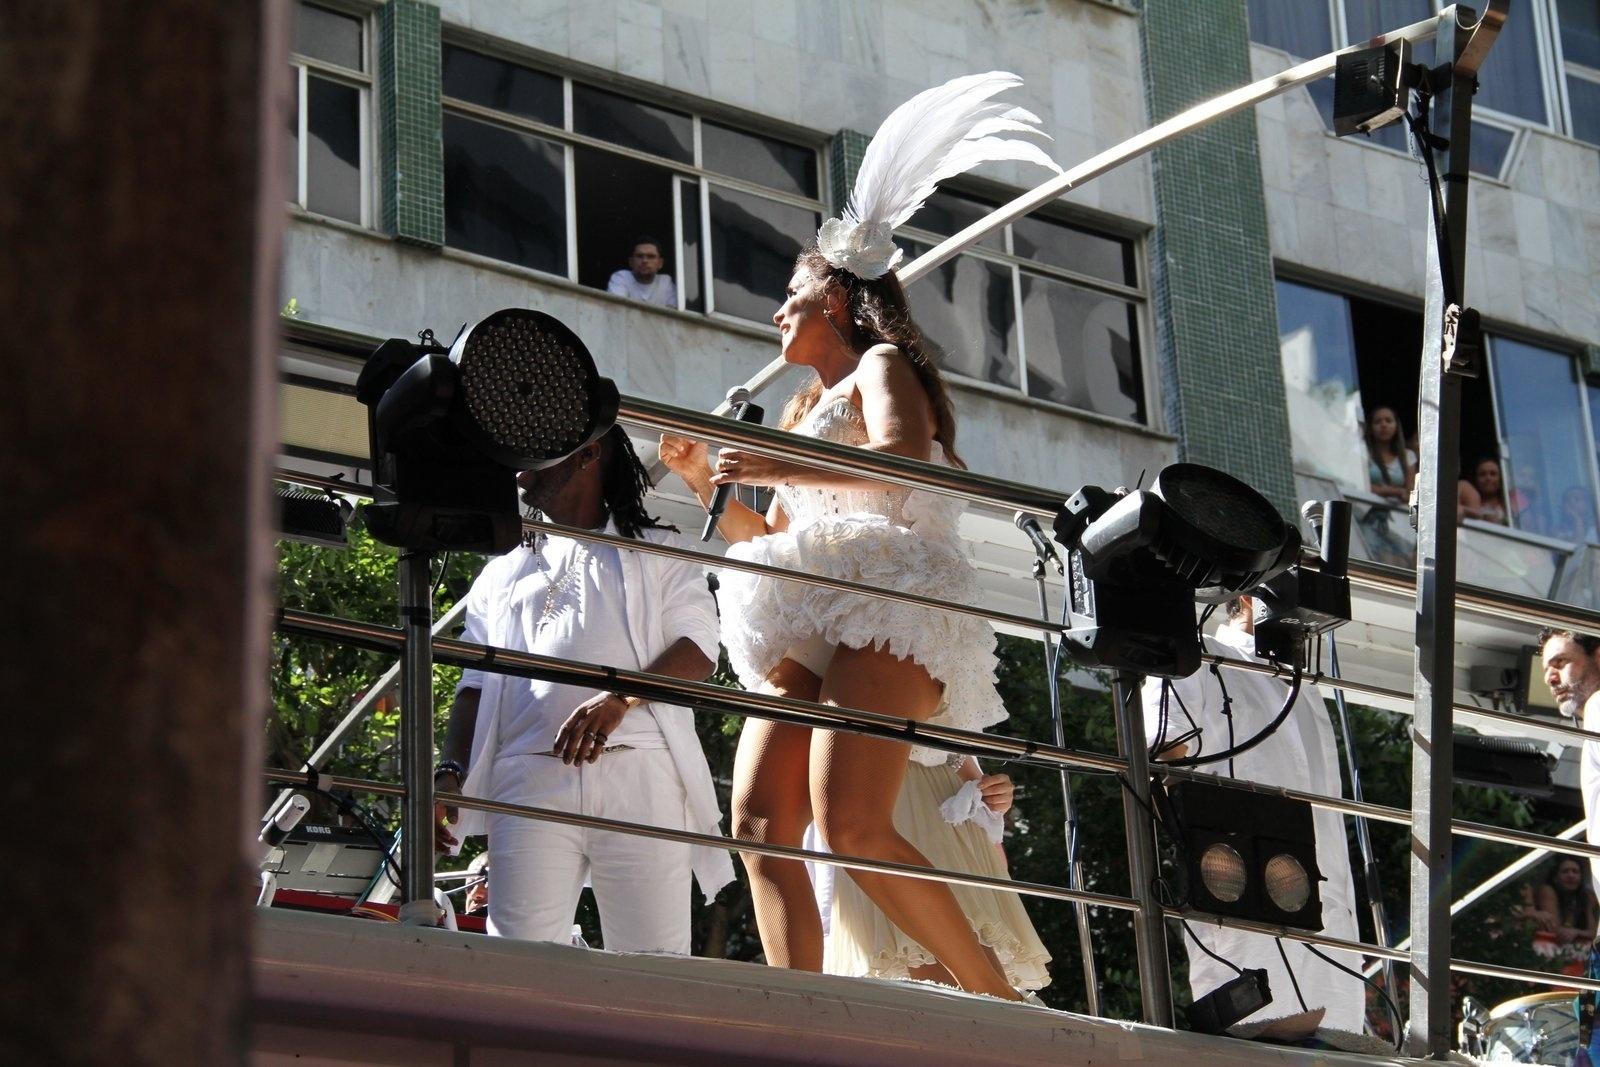 2.mar.2014 - Supostamente grávida de três meses, Ivete Sangalo se apresenta no bloco Coruja, em Salvador. Segundo o site Glamurama, a cantora espera seu segundo filho com o marido, o nutricionista Daniel Cady